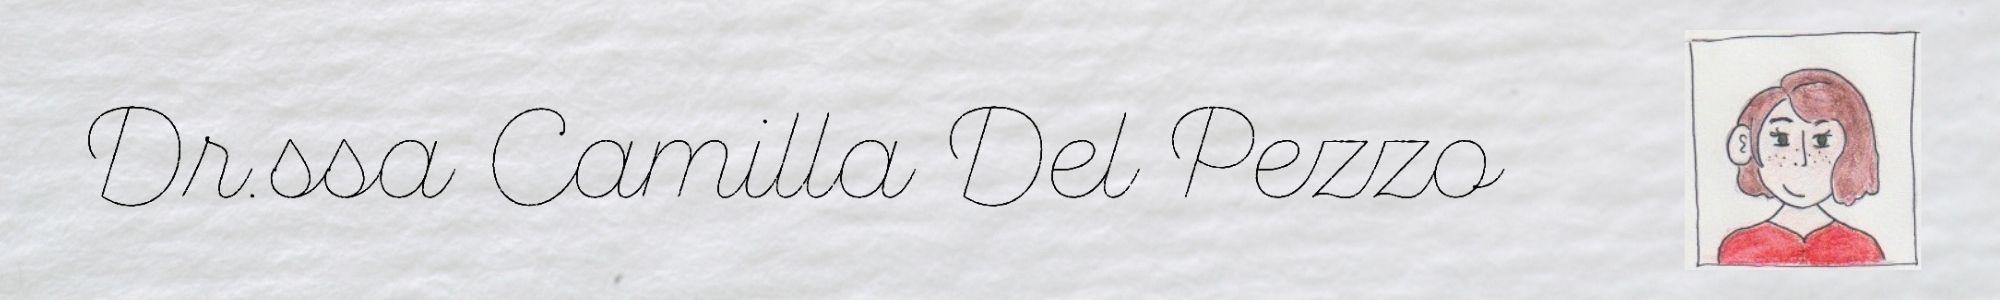 Dottoressa Camilla Del Pezzo